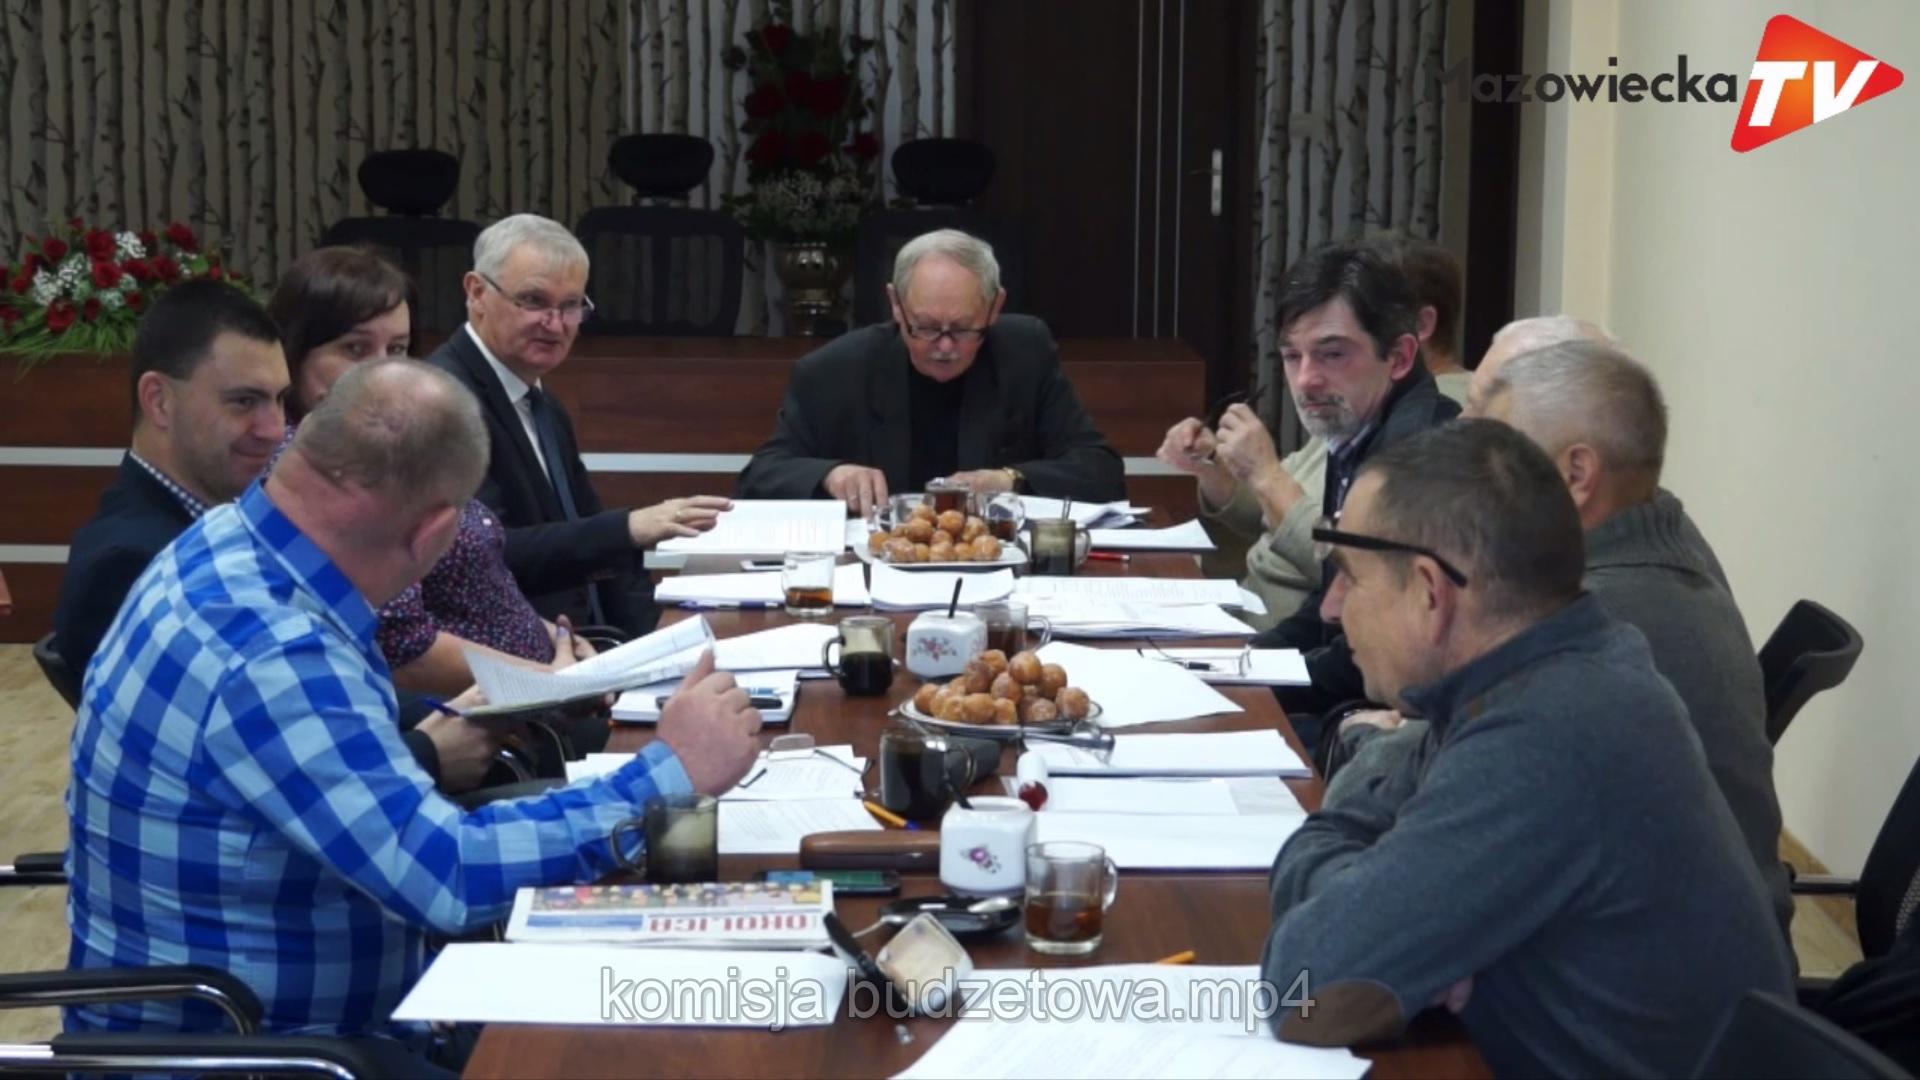 Posiedzenie Komisji Gospodarki, Budżetu i Rolnictwa Rady Miejskiej w Mogielnicy - 11 grudnia 2018 r.